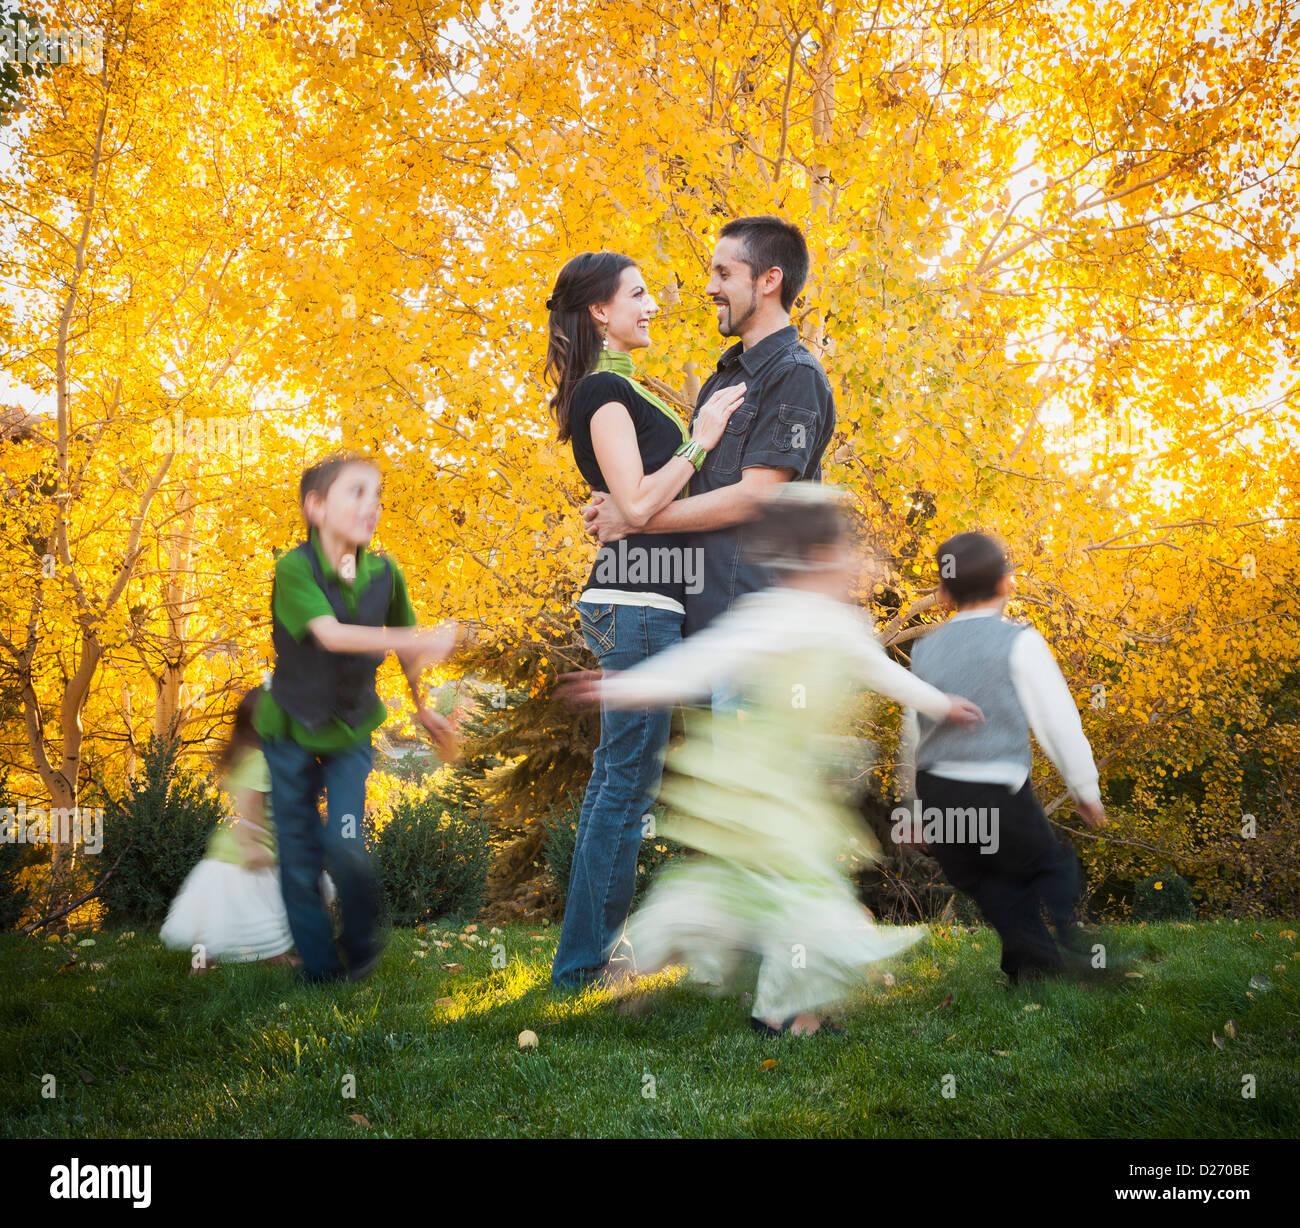 USA, Utah, bienfaisante, Famille avec enfants (2-3, 4-5, 6-7, 8-9) La danse de l'automne au jardin Photo Stock